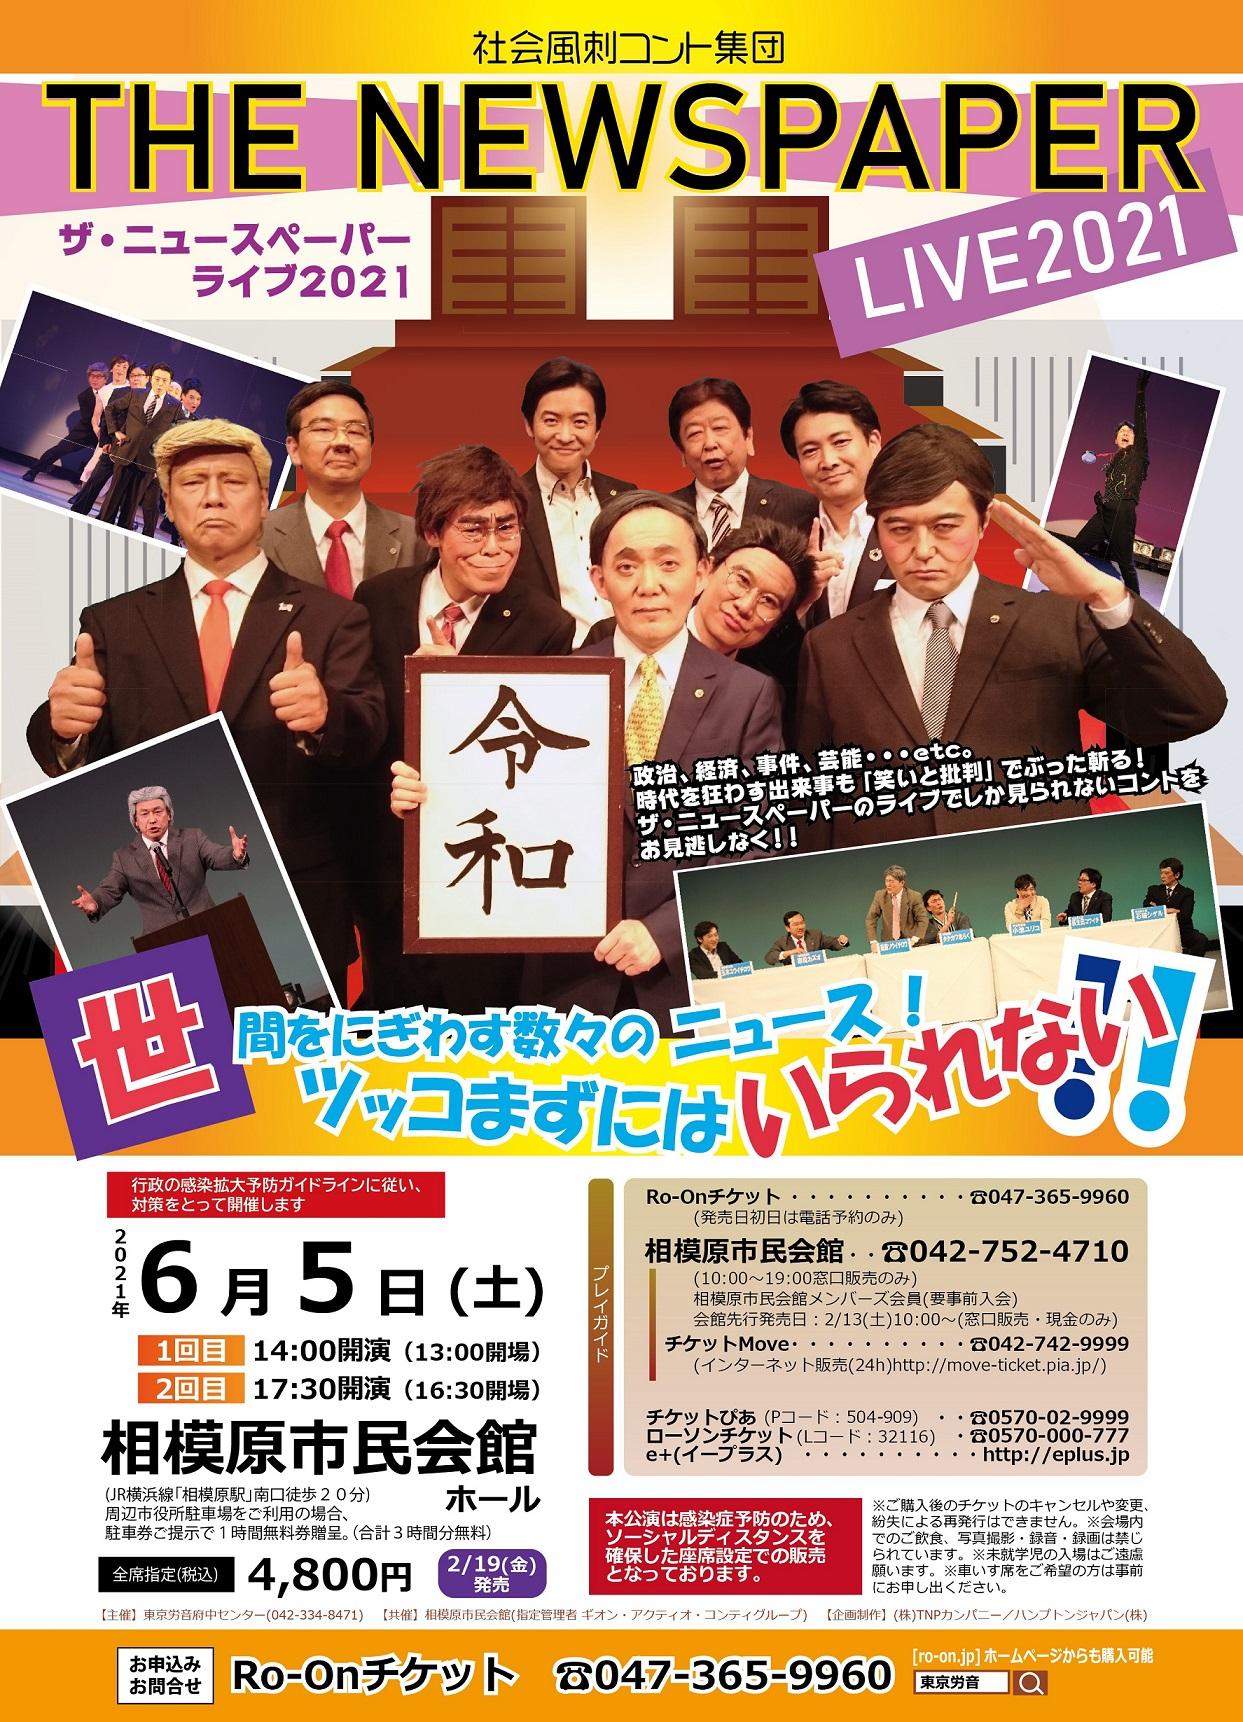 ザ・ニュースペーパーLIVE2021